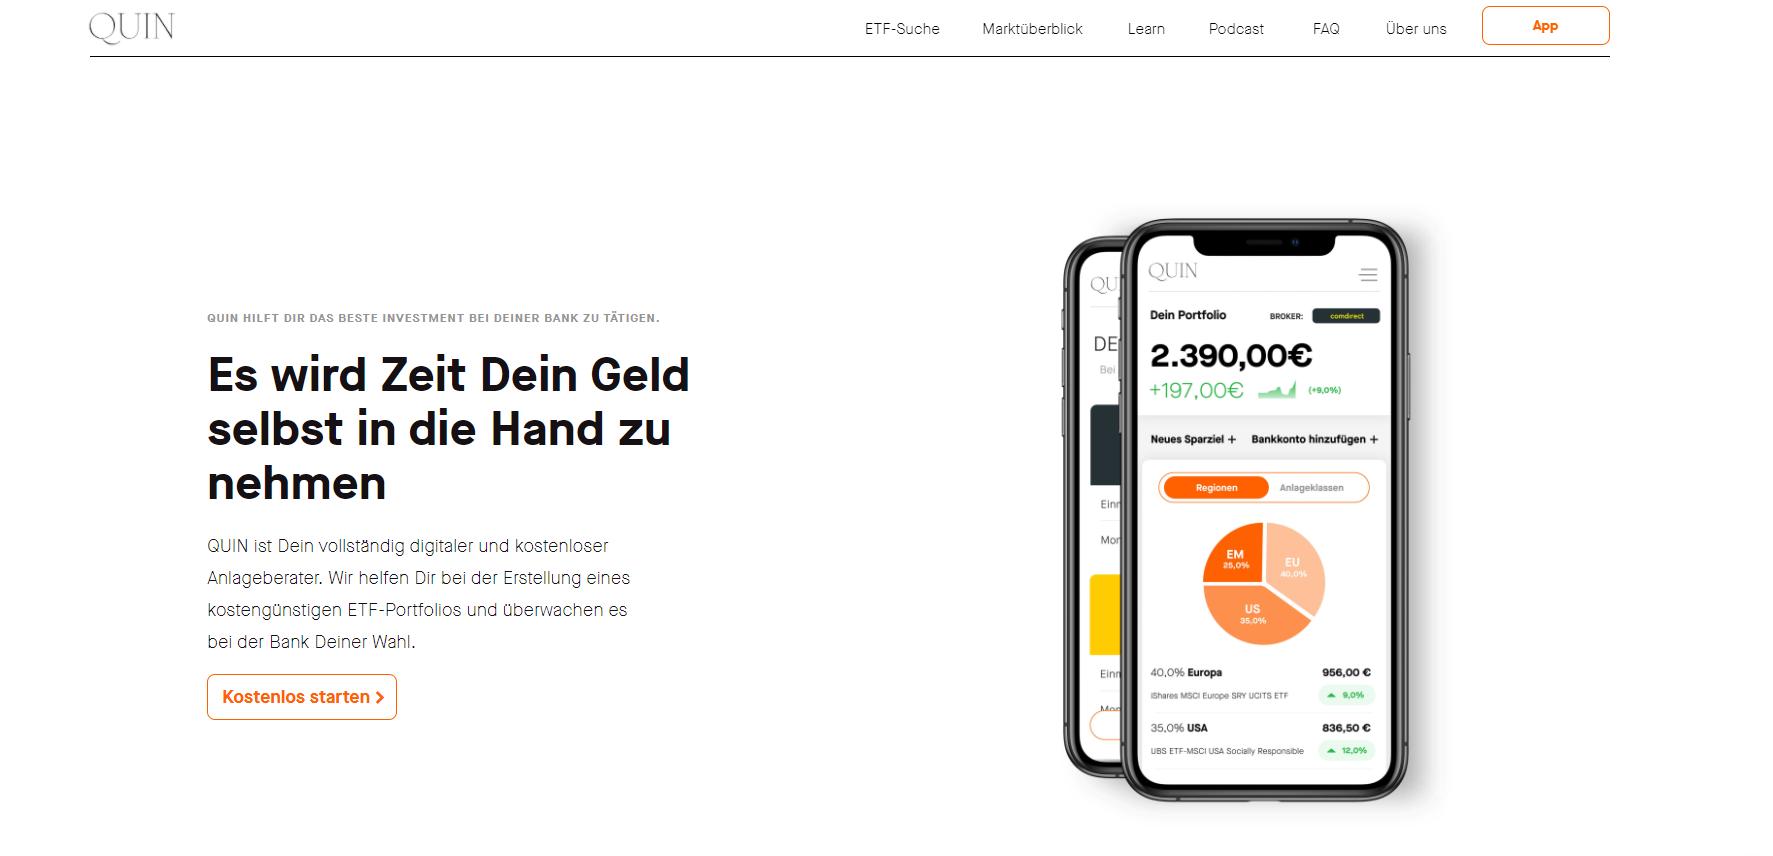 Die Webseite von Quin